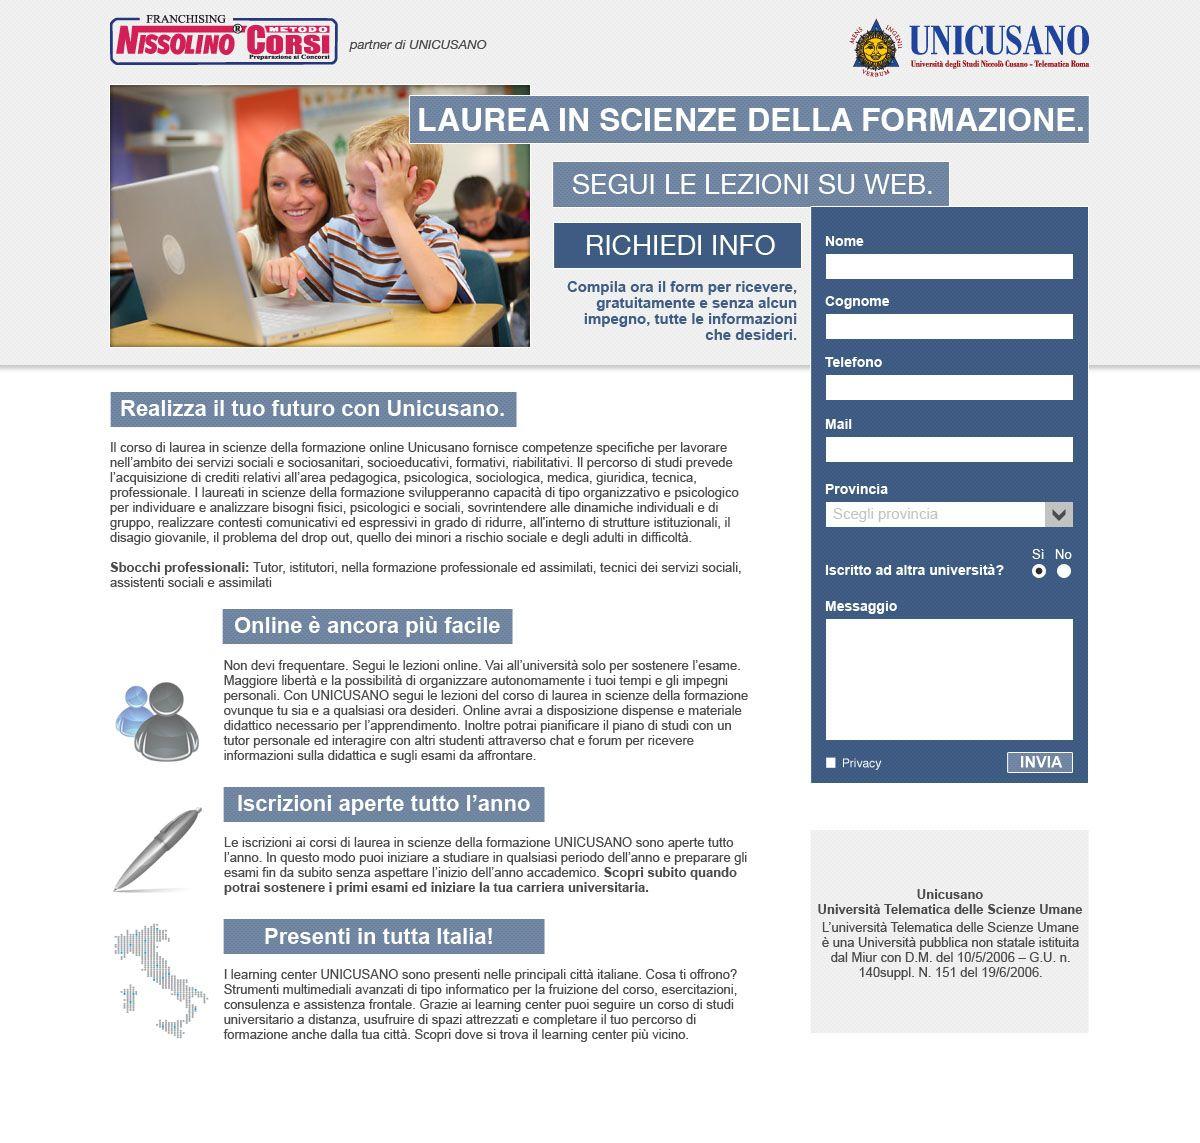 Landing Page Per La Campagna Ppc Di Nissolino Corsi